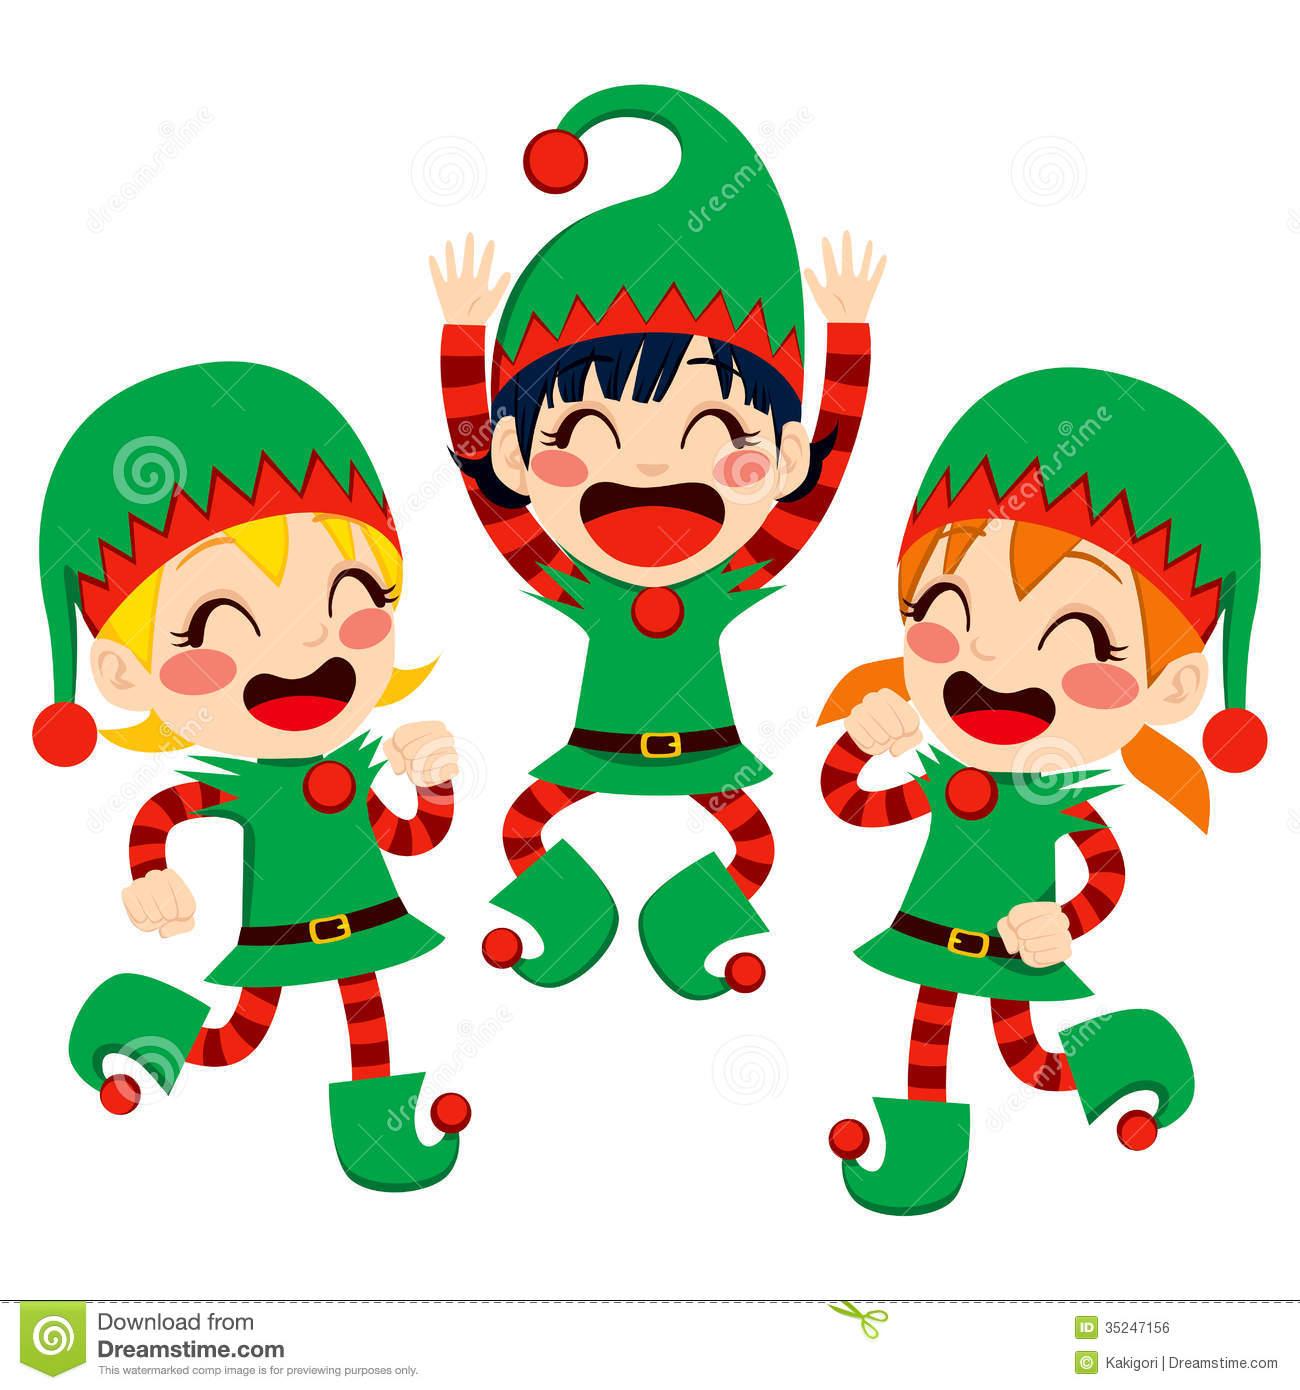 Santa clipart dancing #4